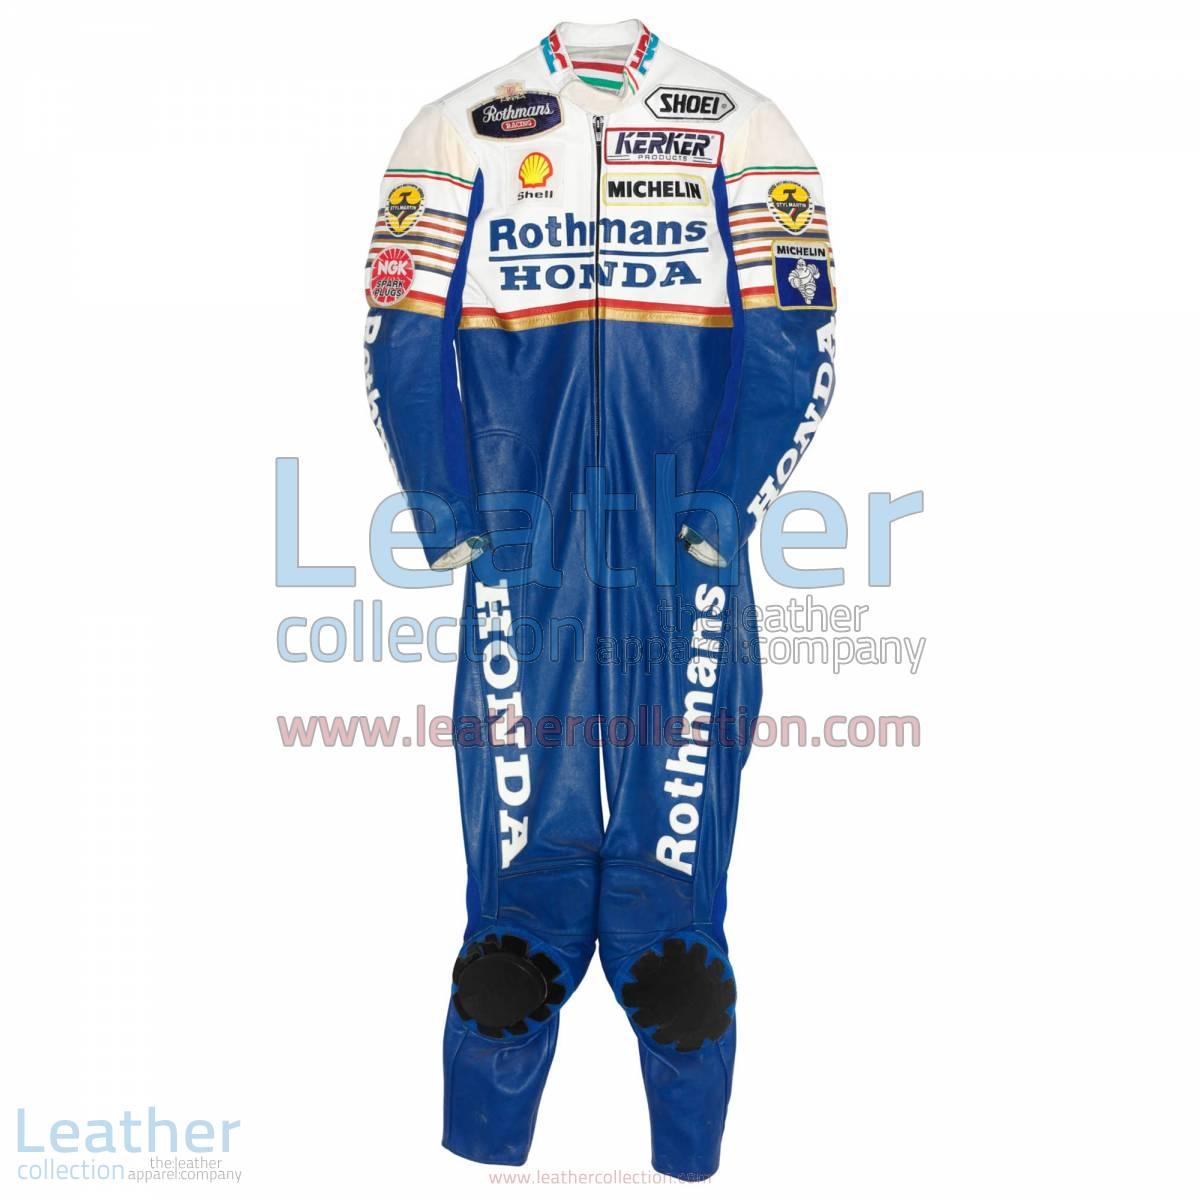 Eddie Lawson Rothmans honda GP 1989 Leathers | honda leathers